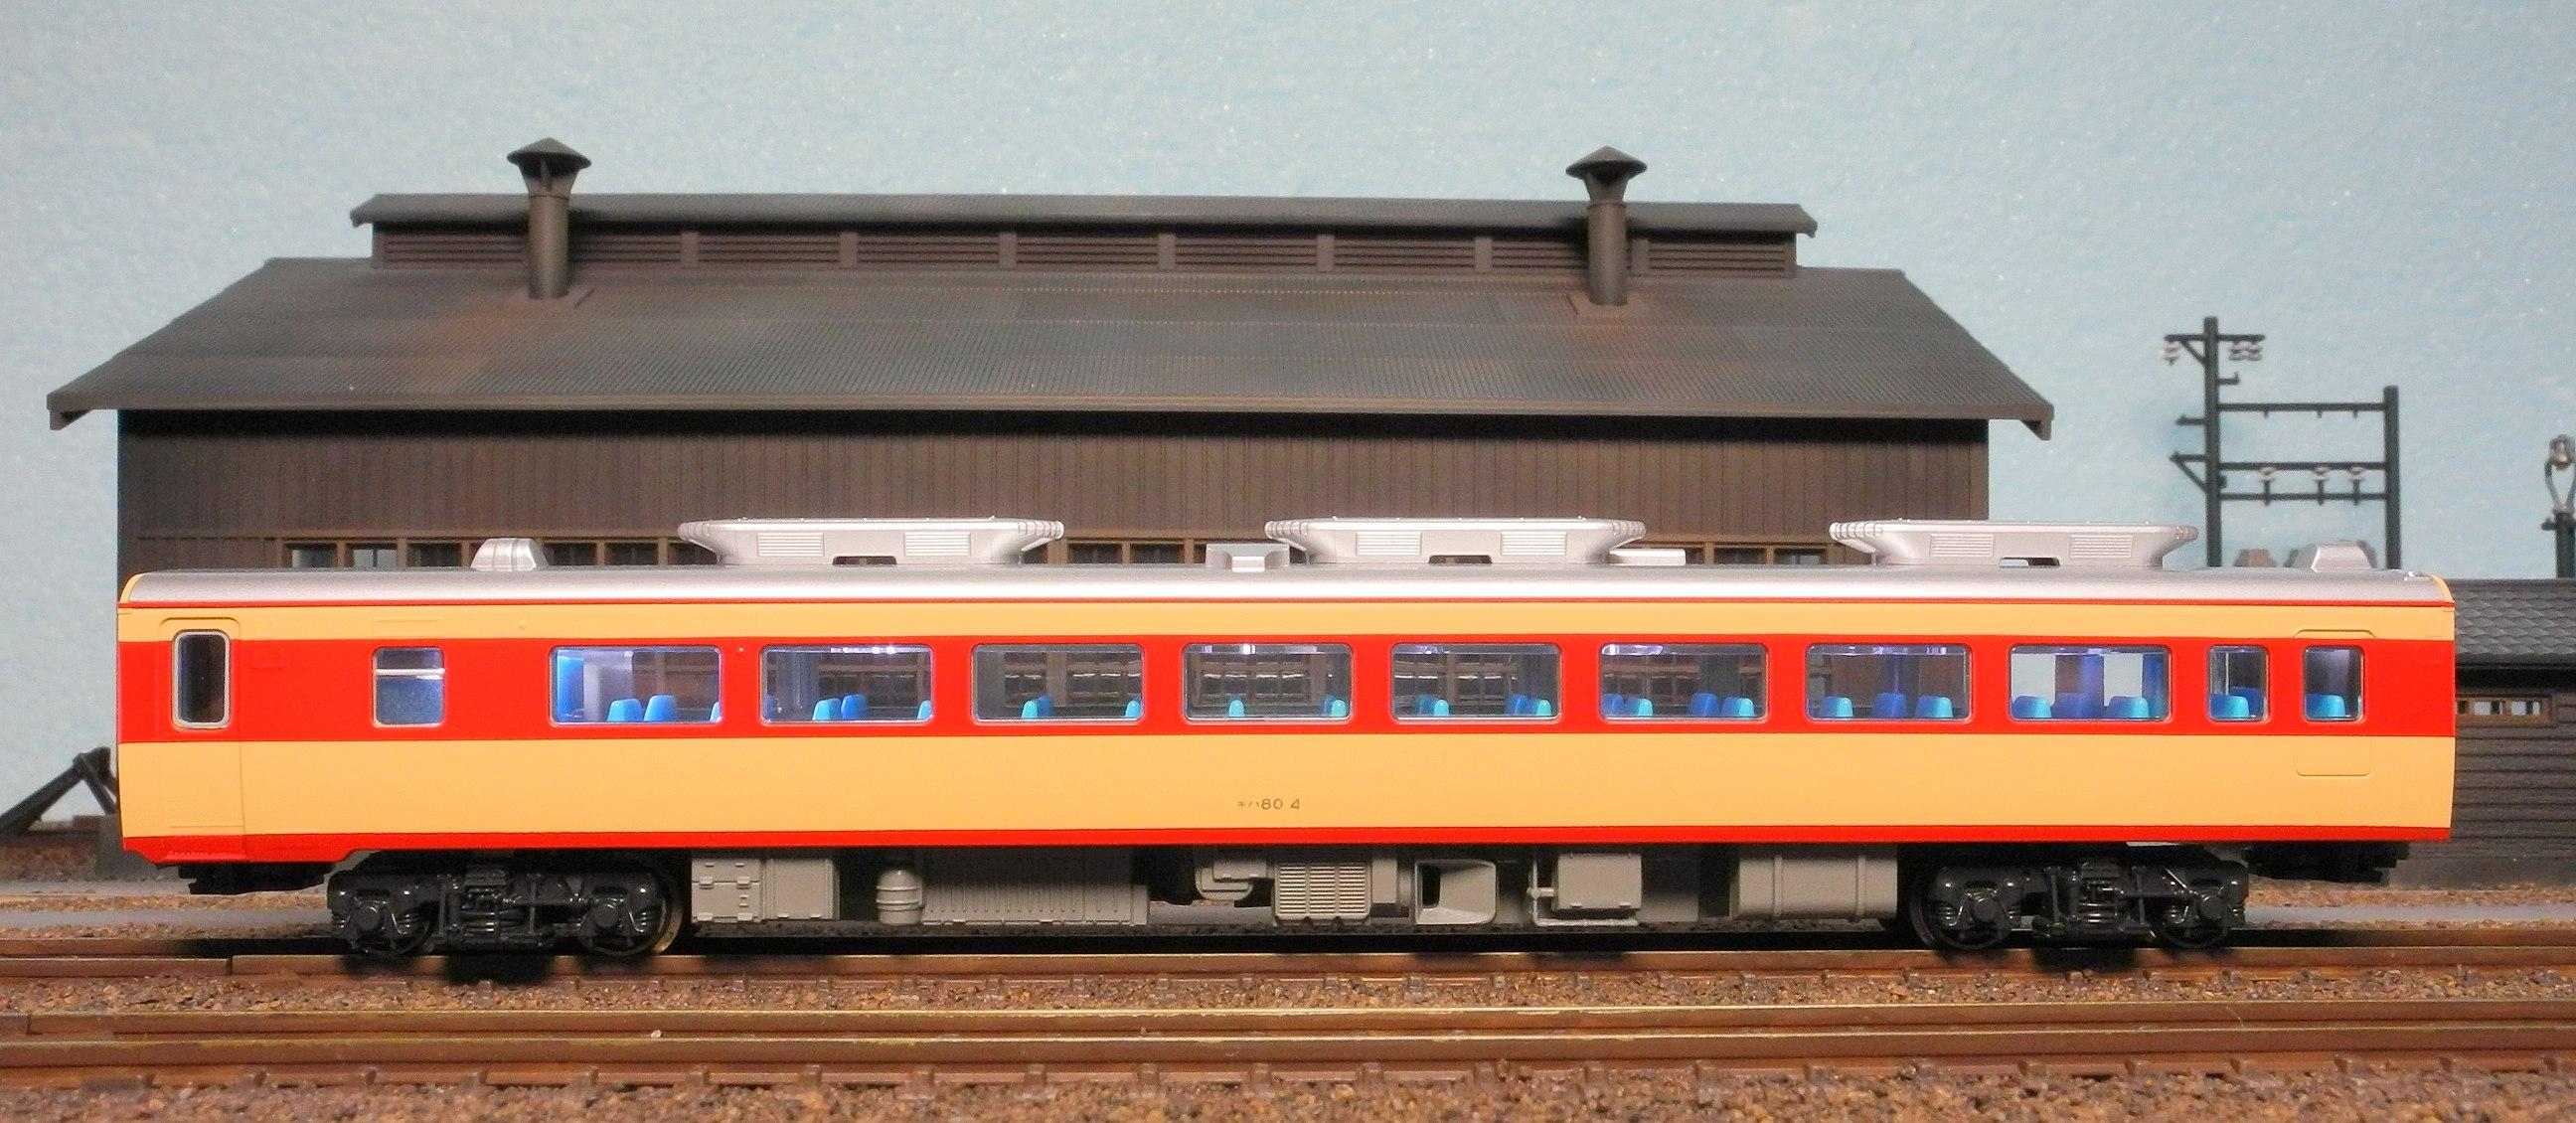 DSCN6770-1.jpg